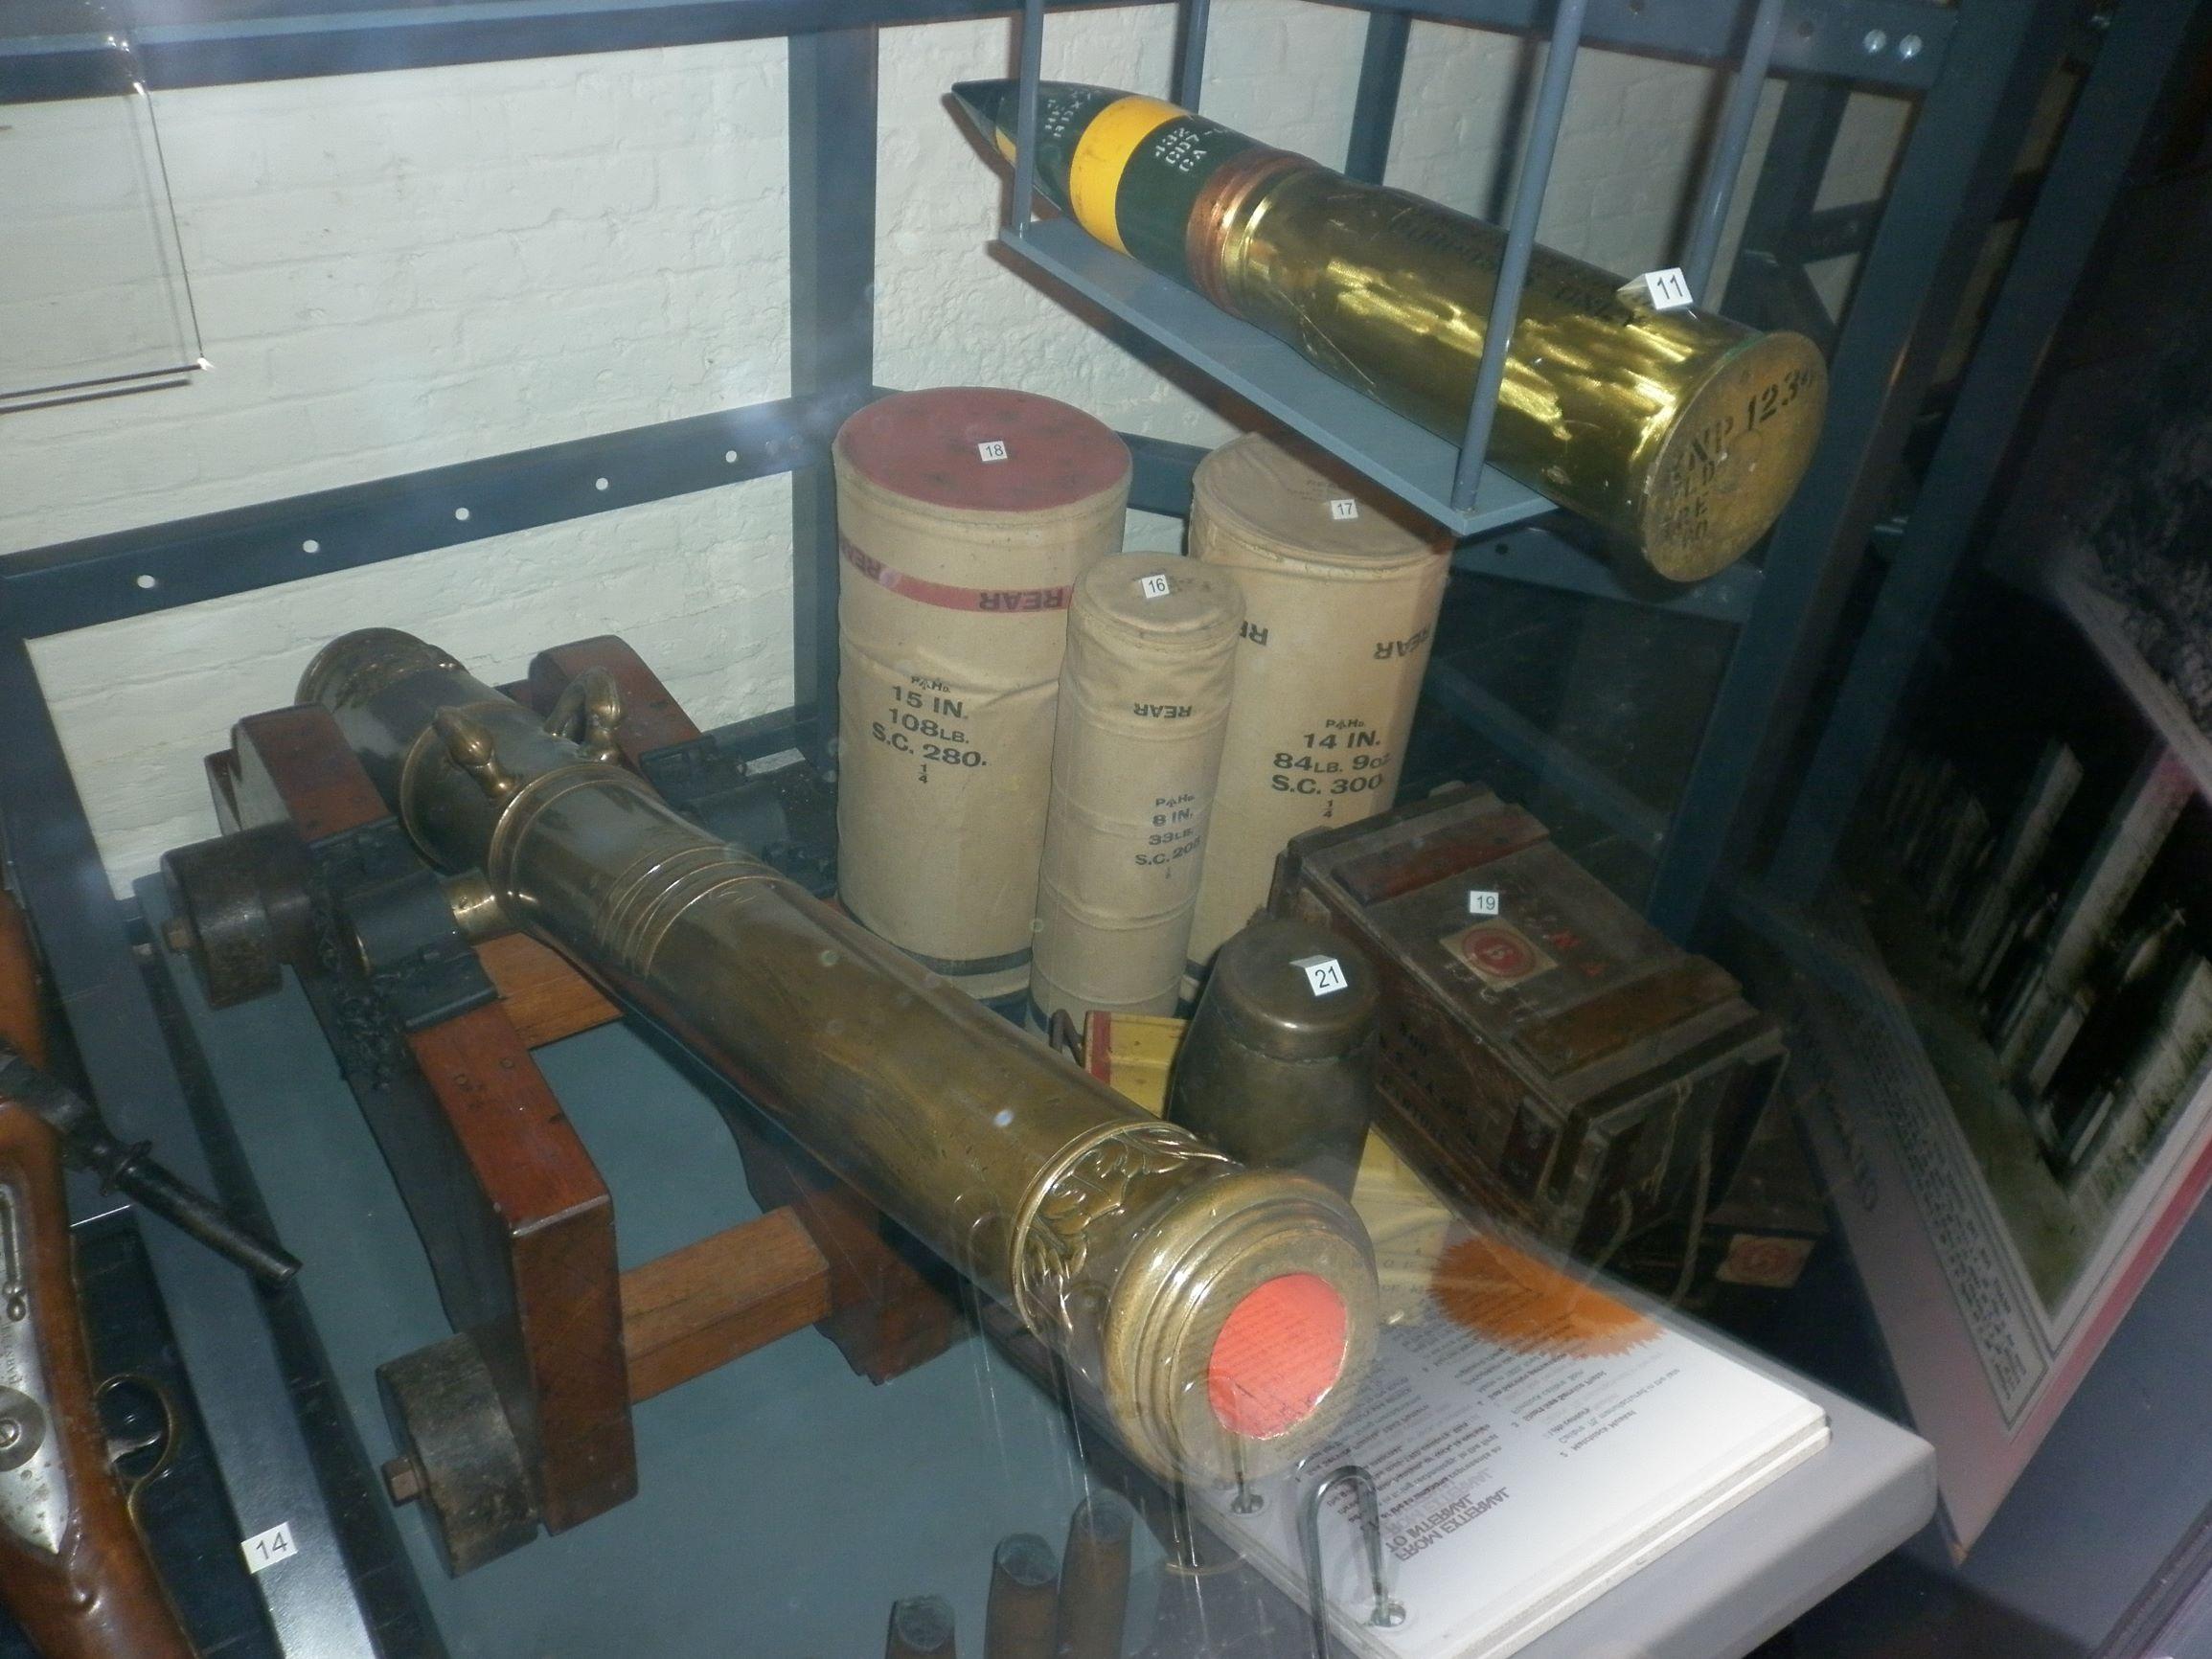 Érdekes volt a középkori ágyú meg a modernebb lőszer együttese